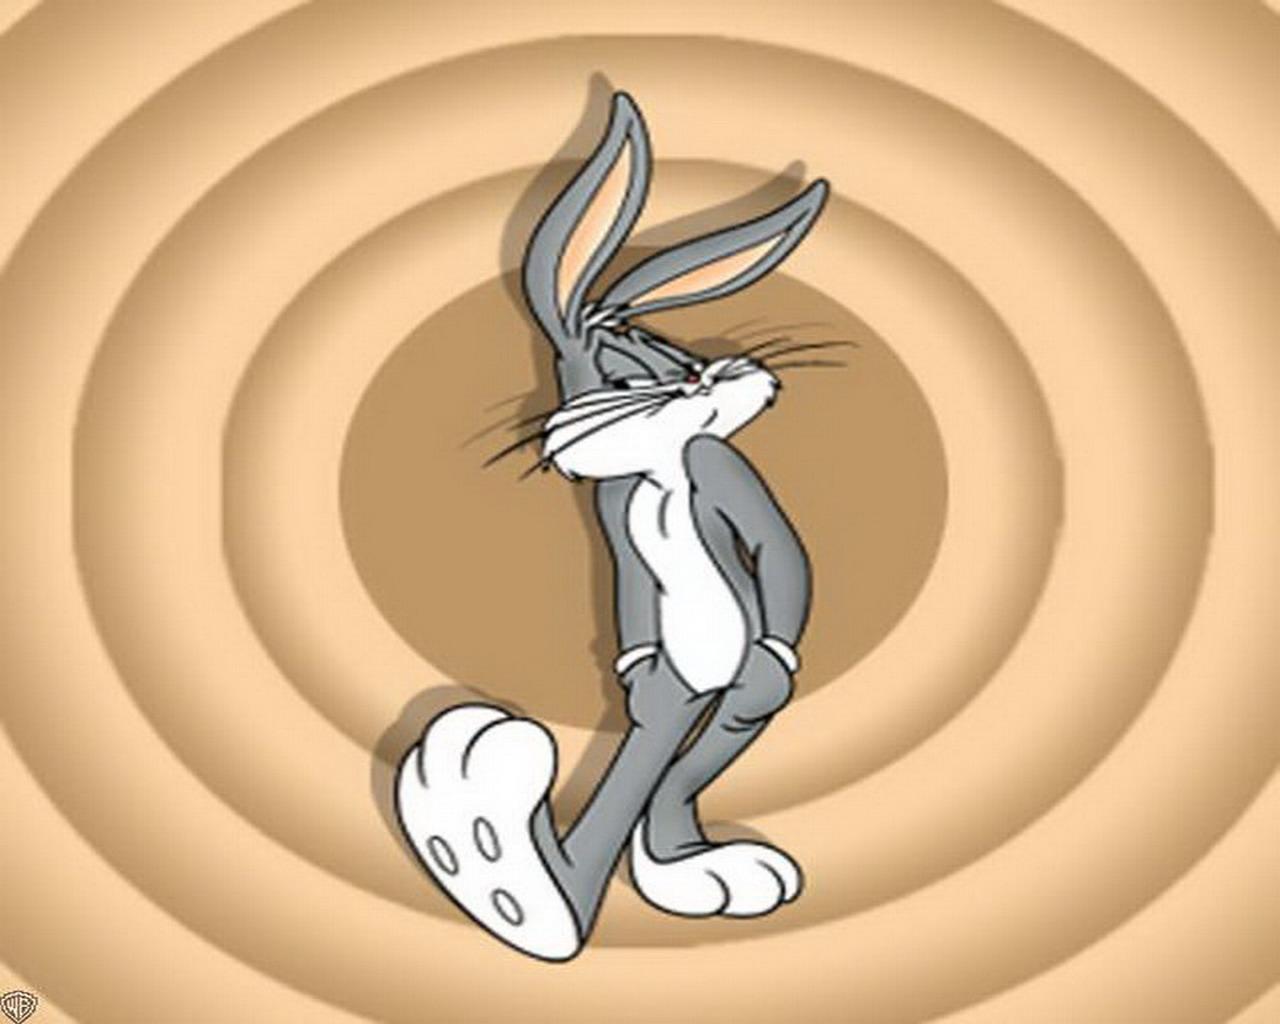 http://2.bp.blogspot.com/-ceJDZq2q_RA/ToVBn5kbL2I/AAAAAAAAAwY/EDu25oZfyXY/s1600/bugs-bunny-wallpaper-40-735437.jpg